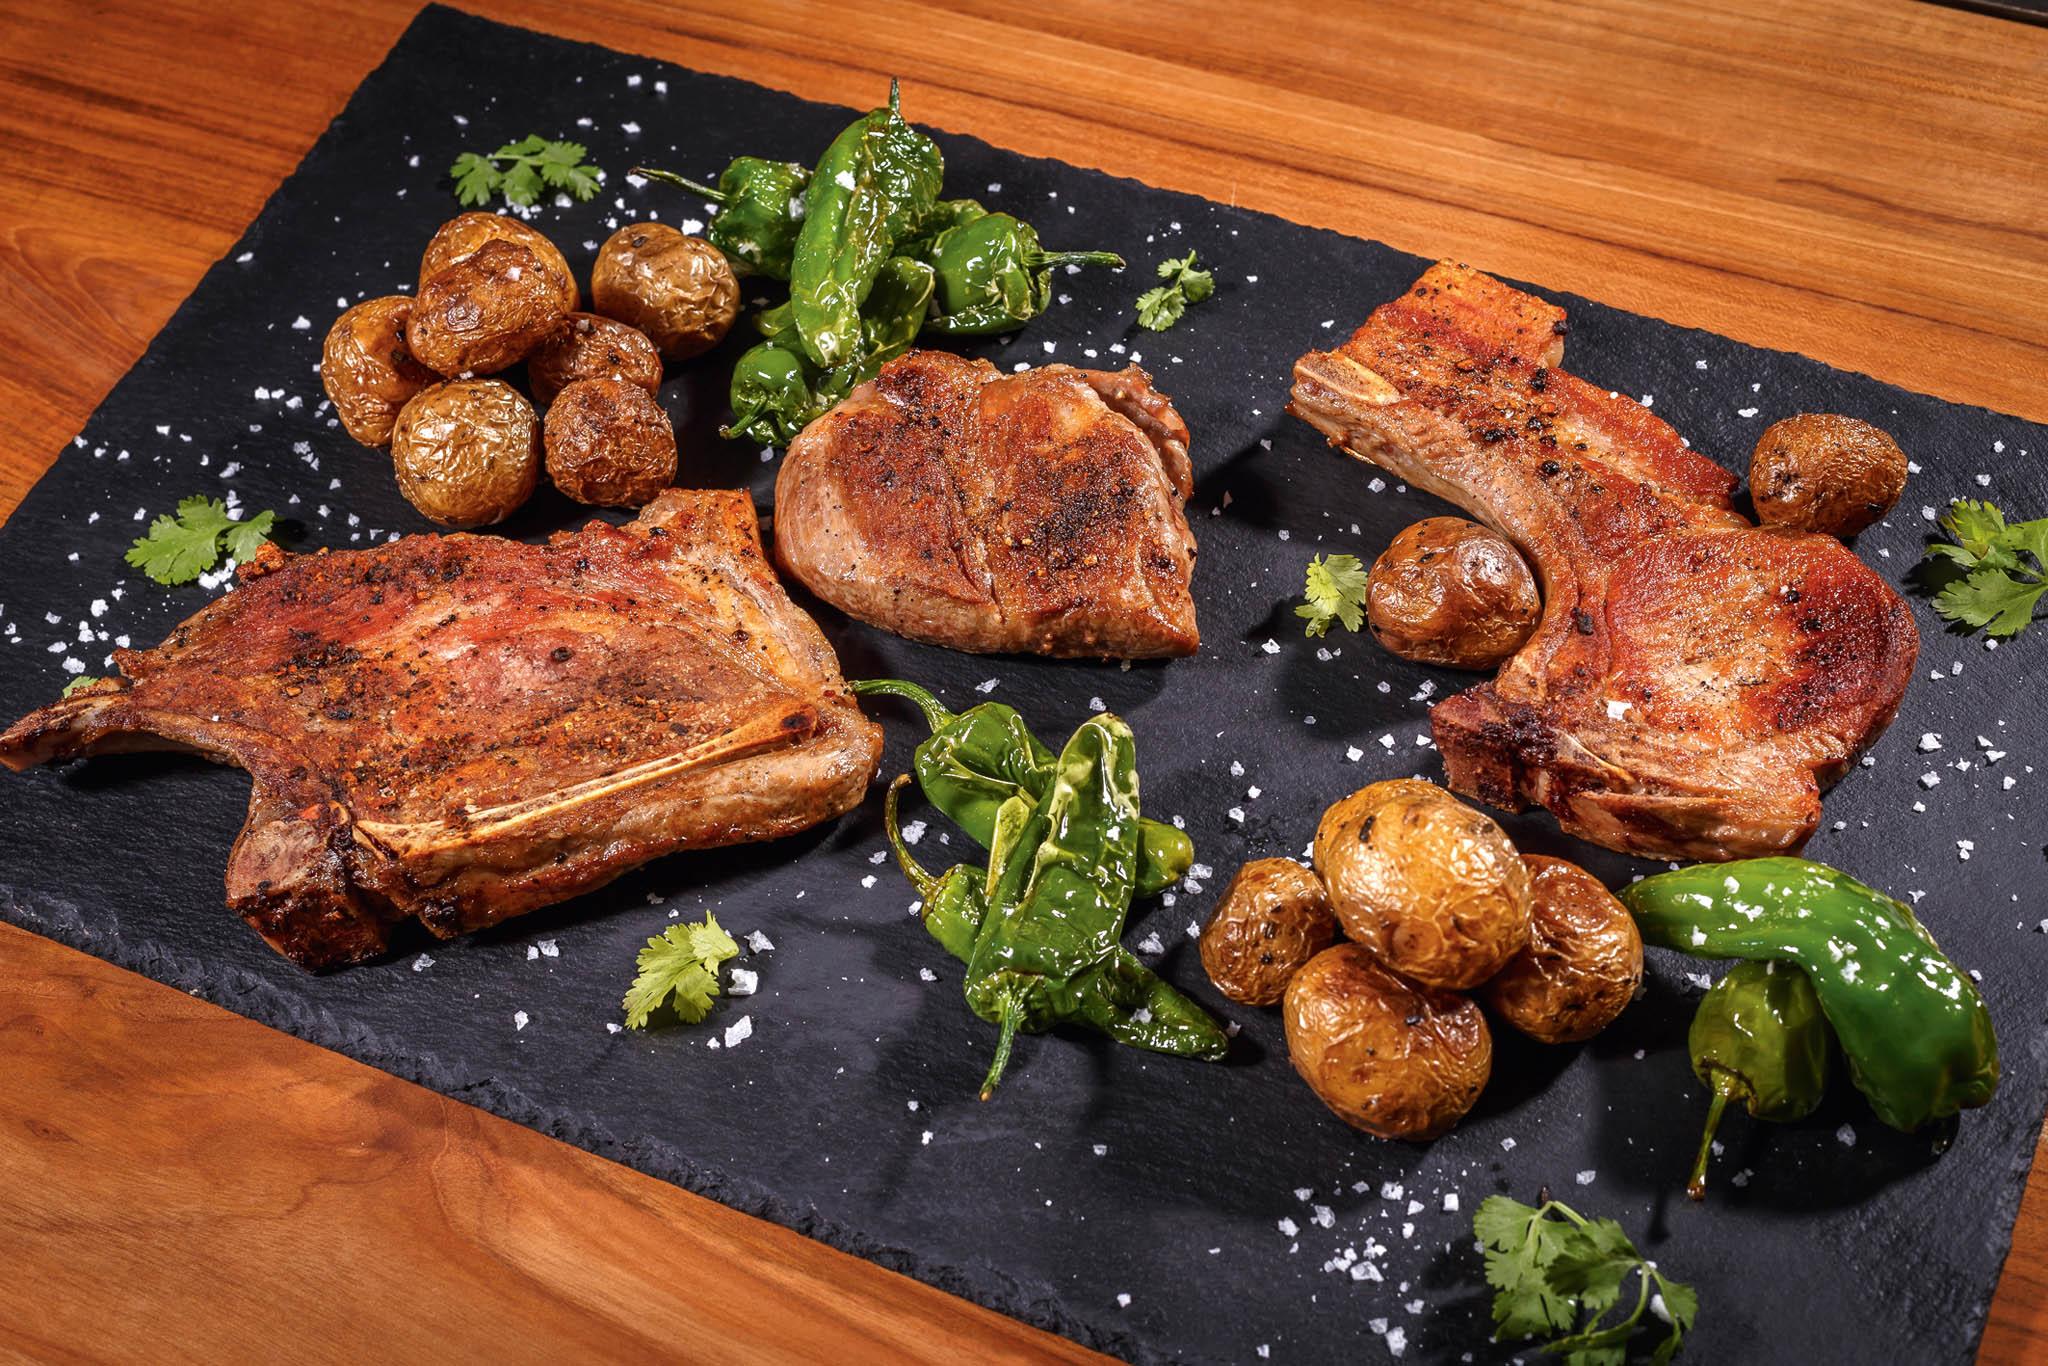 Vepřové prkno: 1 kg vepřových steaků